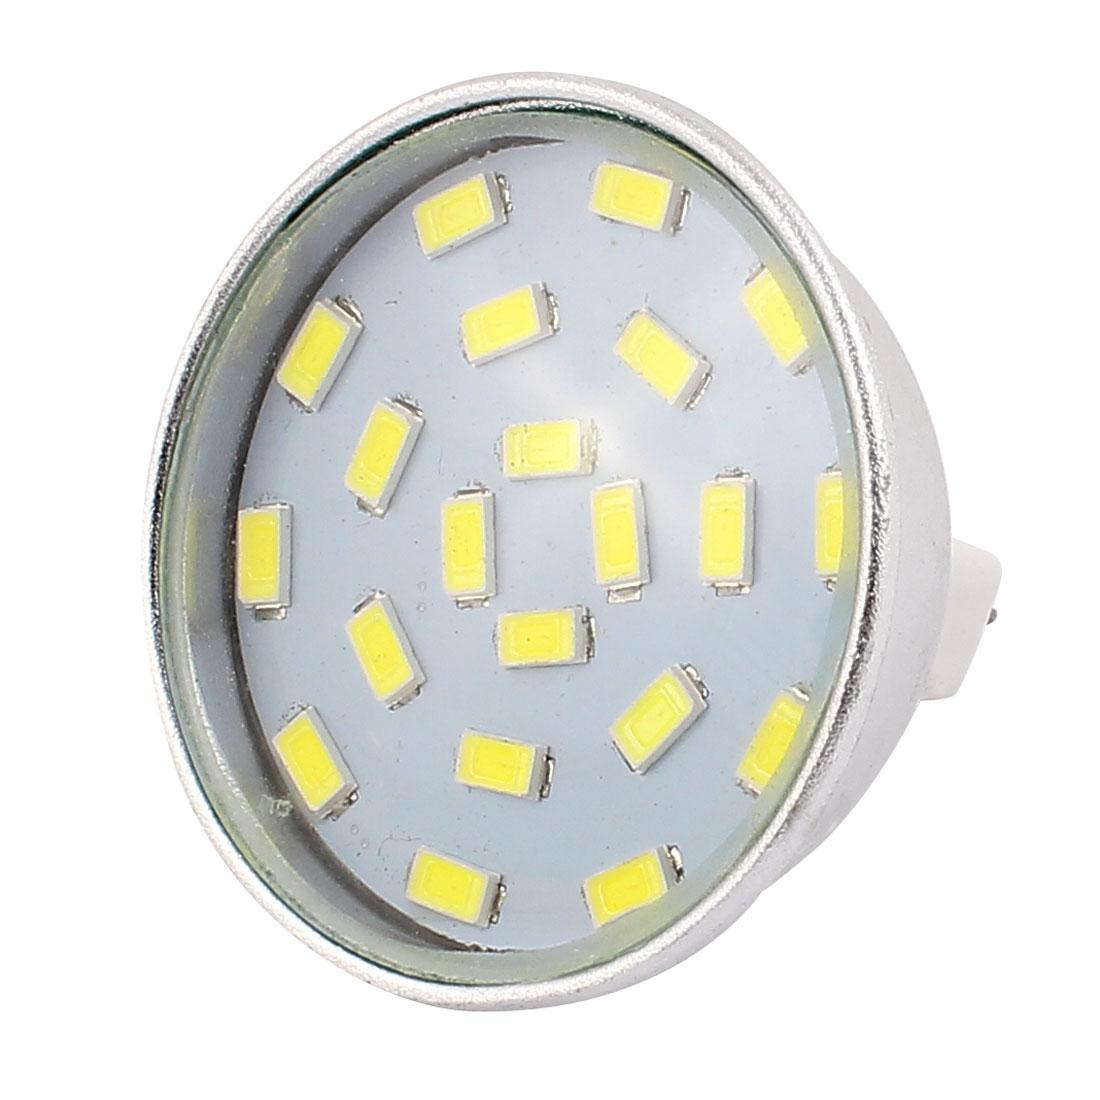 220V-240V 5W MR16 5730 SMD 21 LEDs LED Bulb Light Spotlight Lamp Energy Saving White